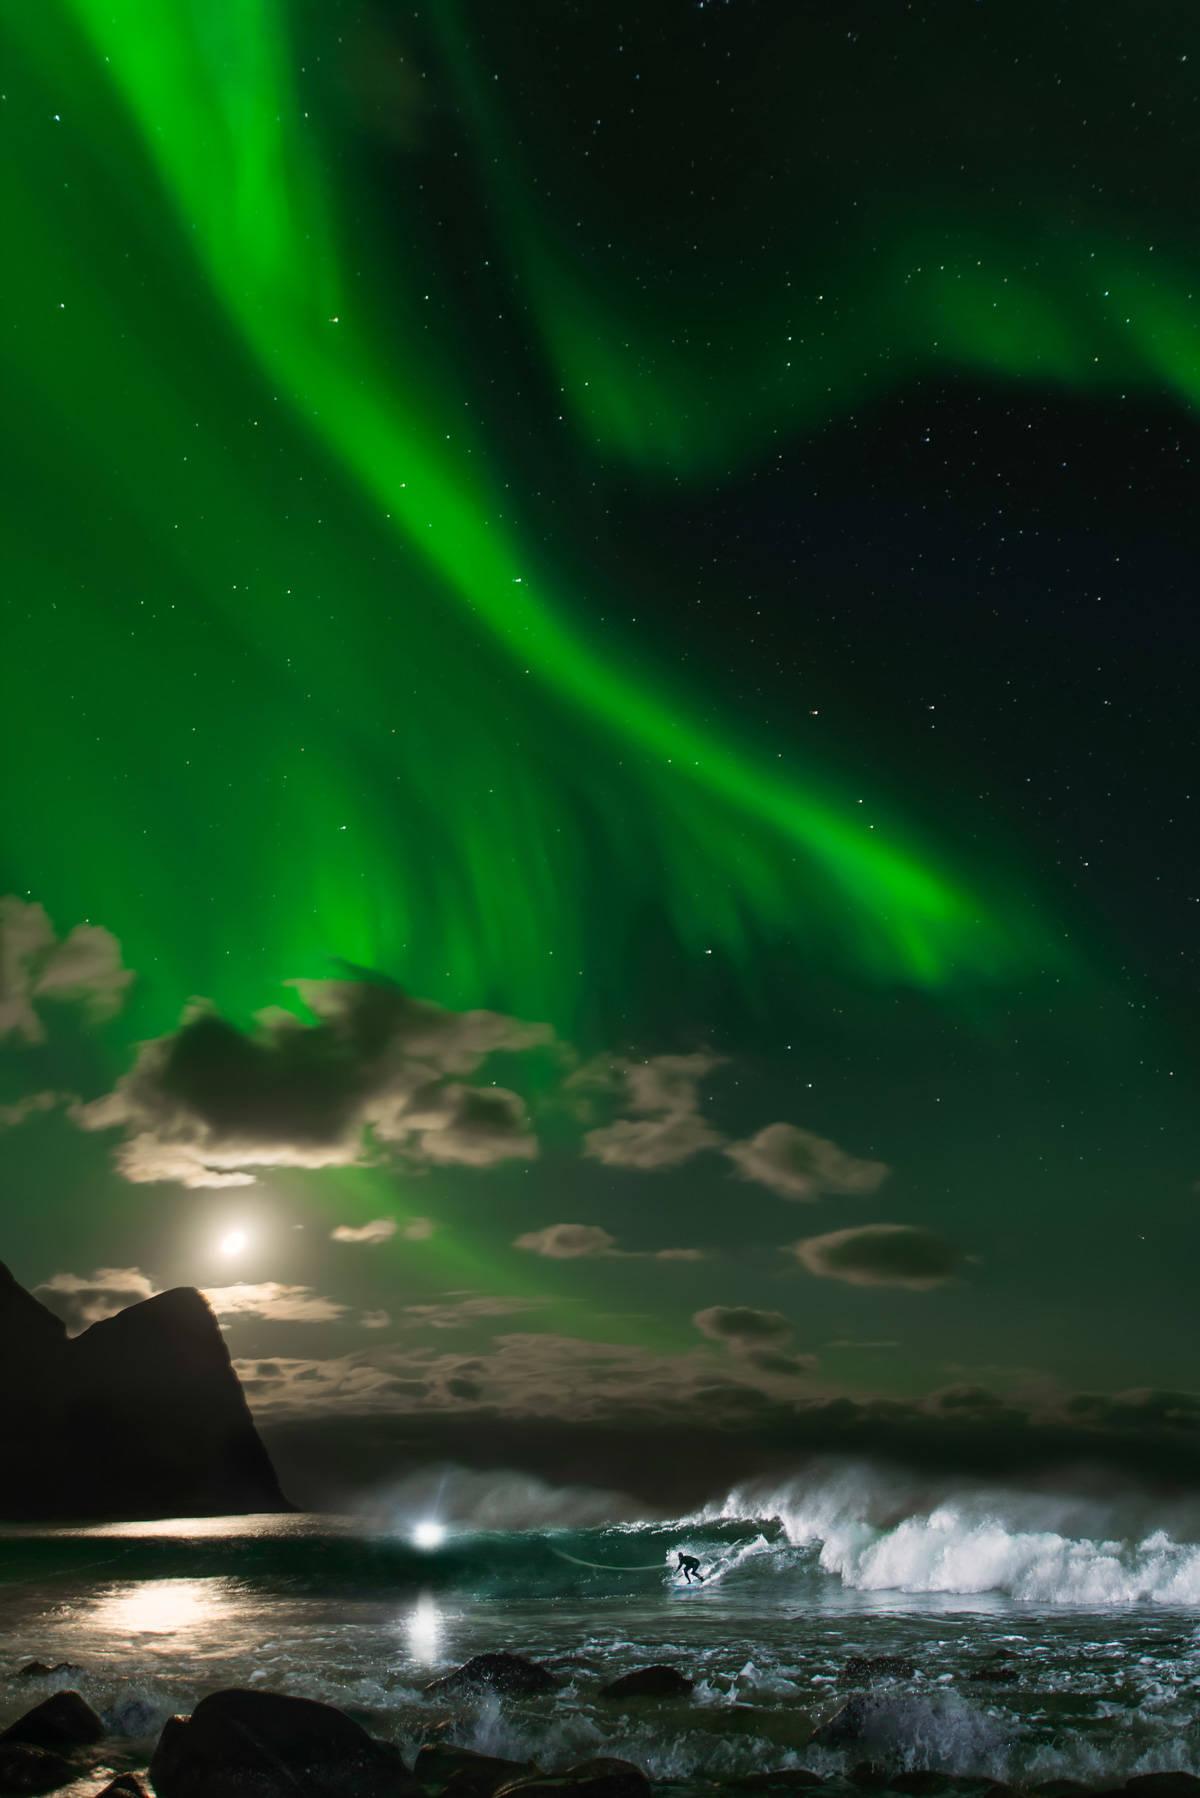 Det vakre, vakre nordlyset kom til Lofoten mens Fanning var der. Foto: Emil Kjos Sollie og Mats Grimseth